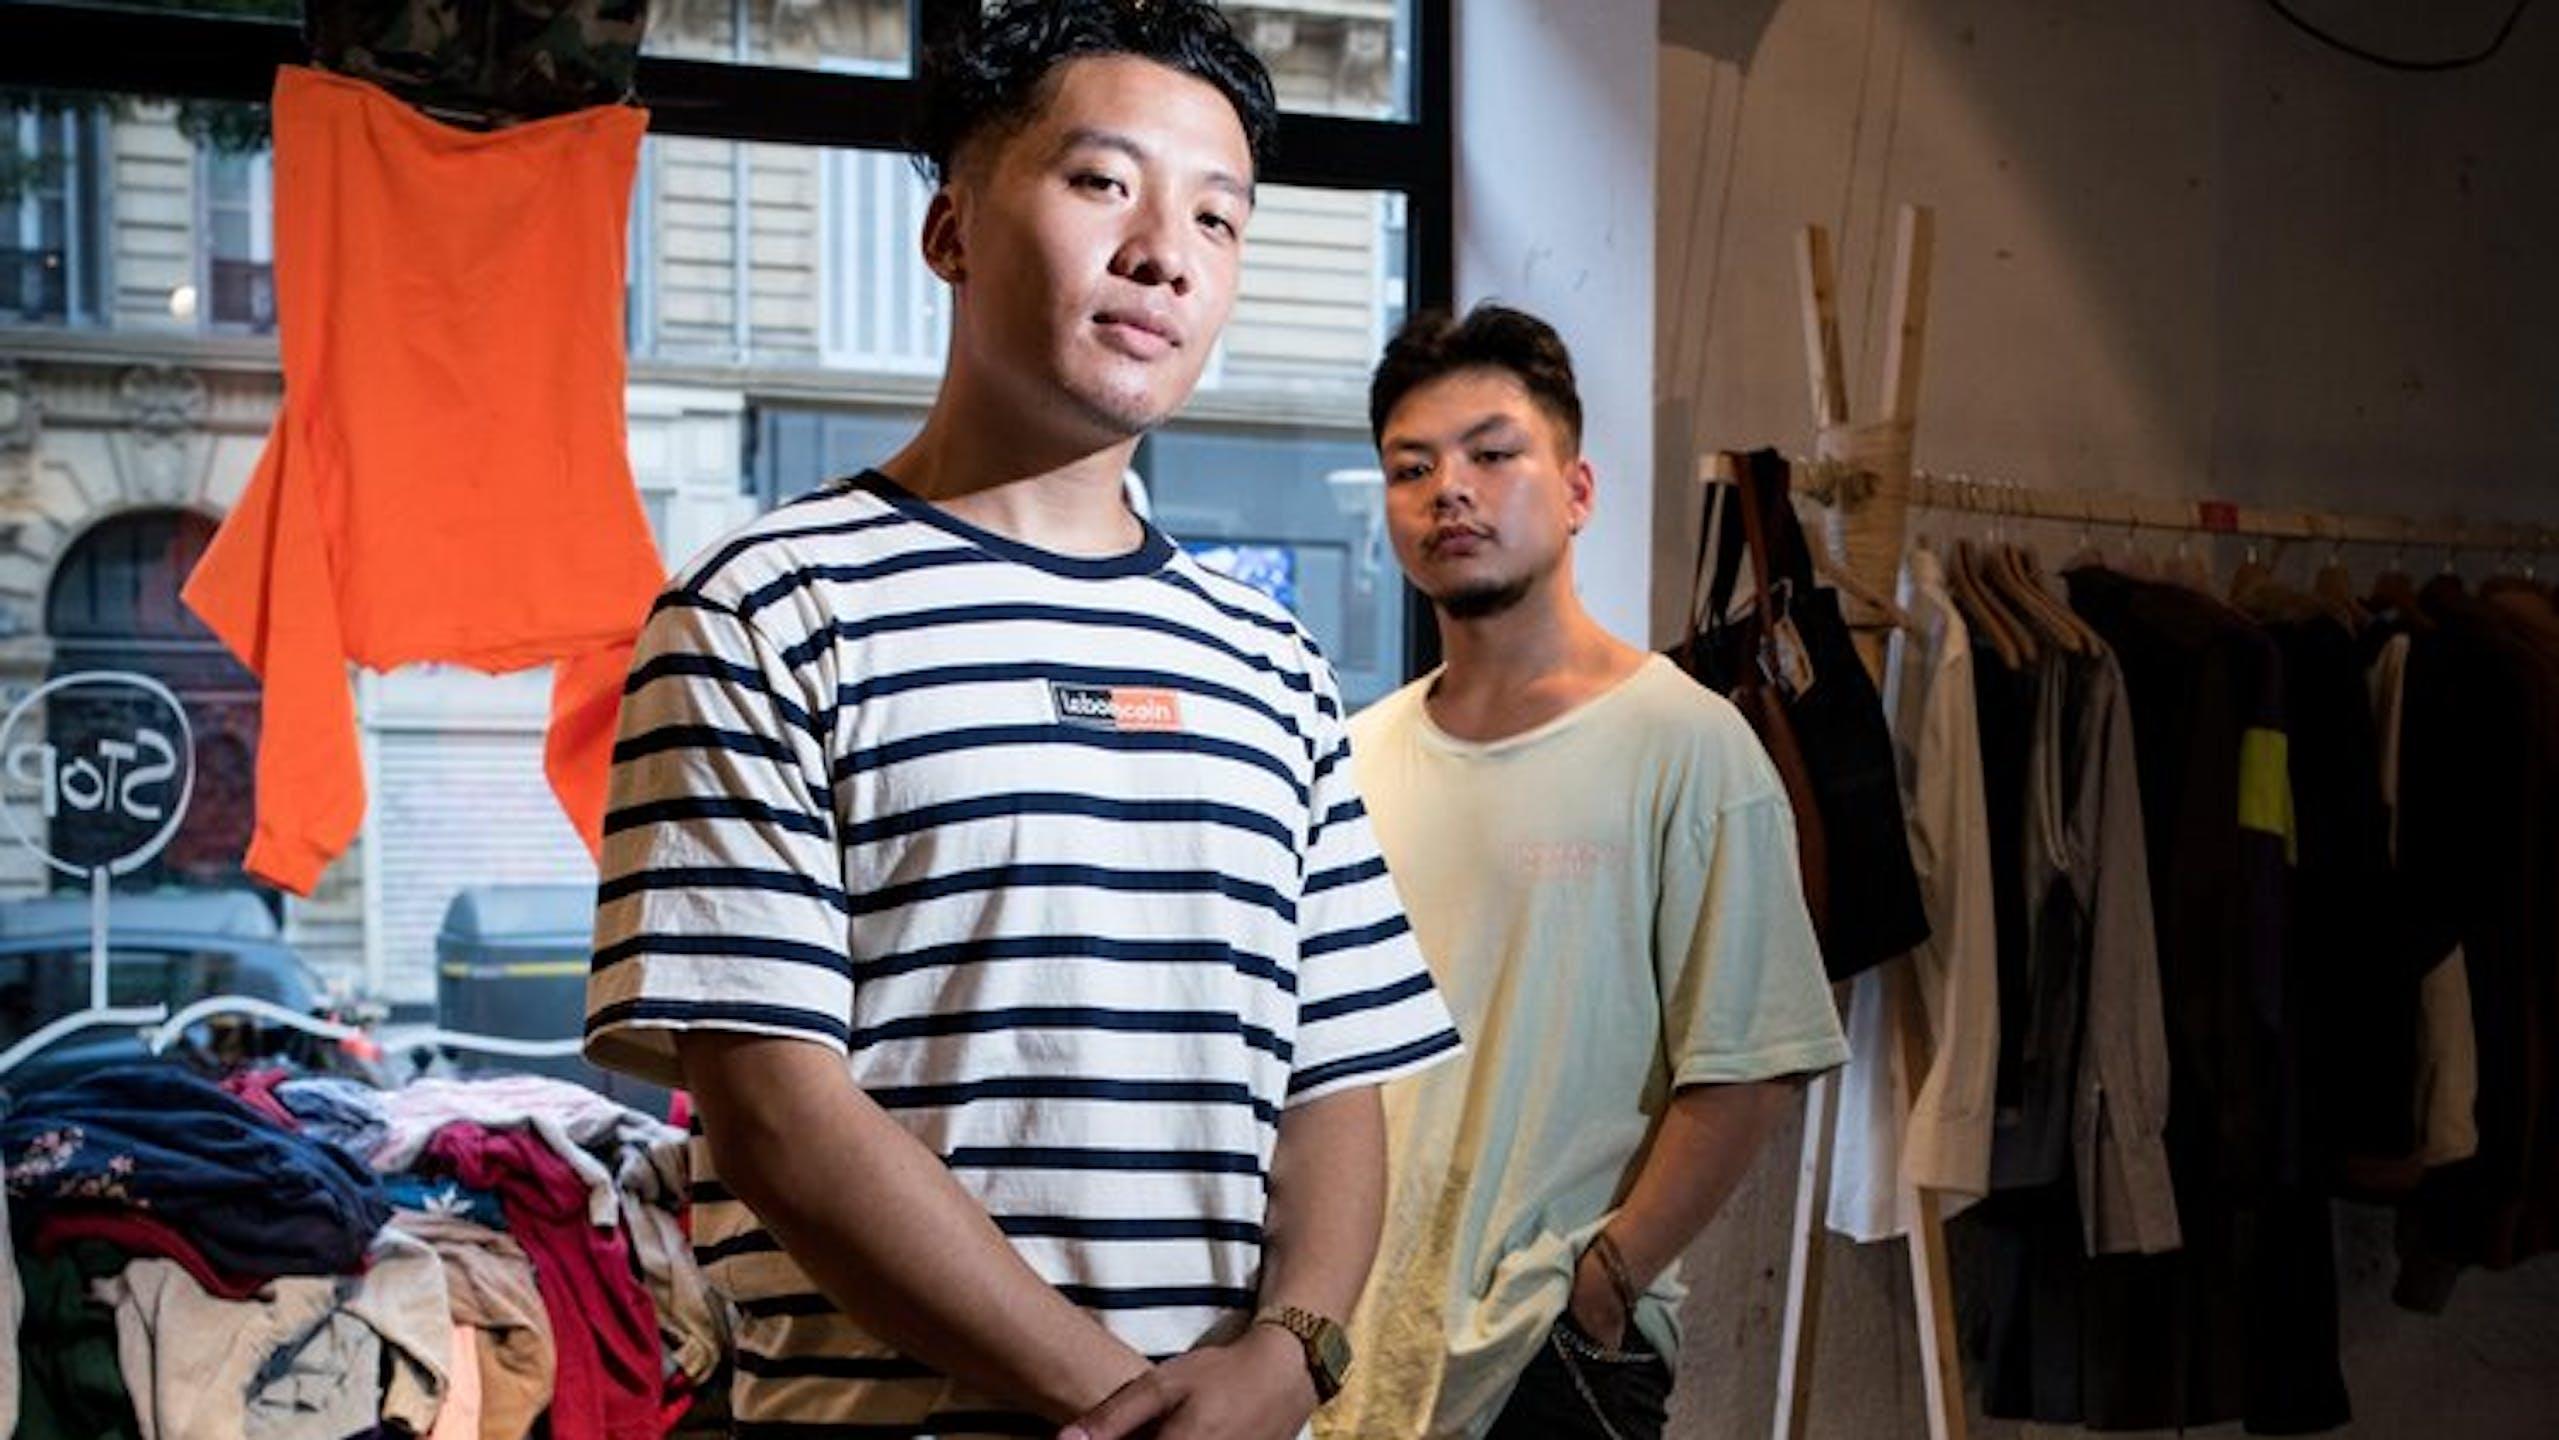 deux jeunes hommes dans une friperie